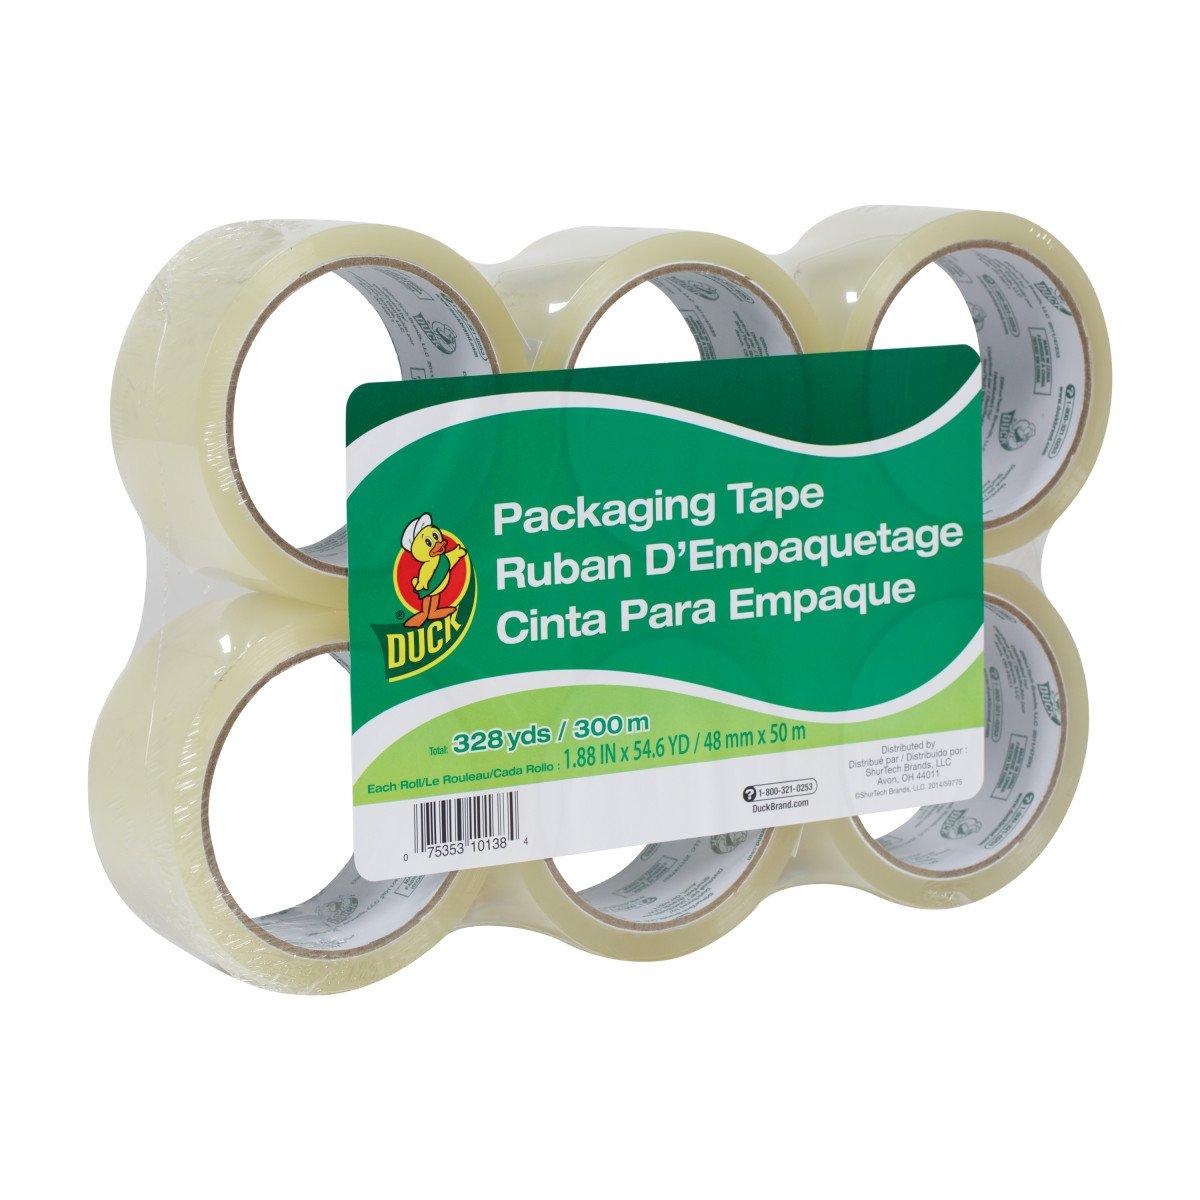 Duck Brand Standard Grade Packaging Tape, 1.88x54.6 yd, Single Roll, Clear (240408) 1.88x54.6 yd